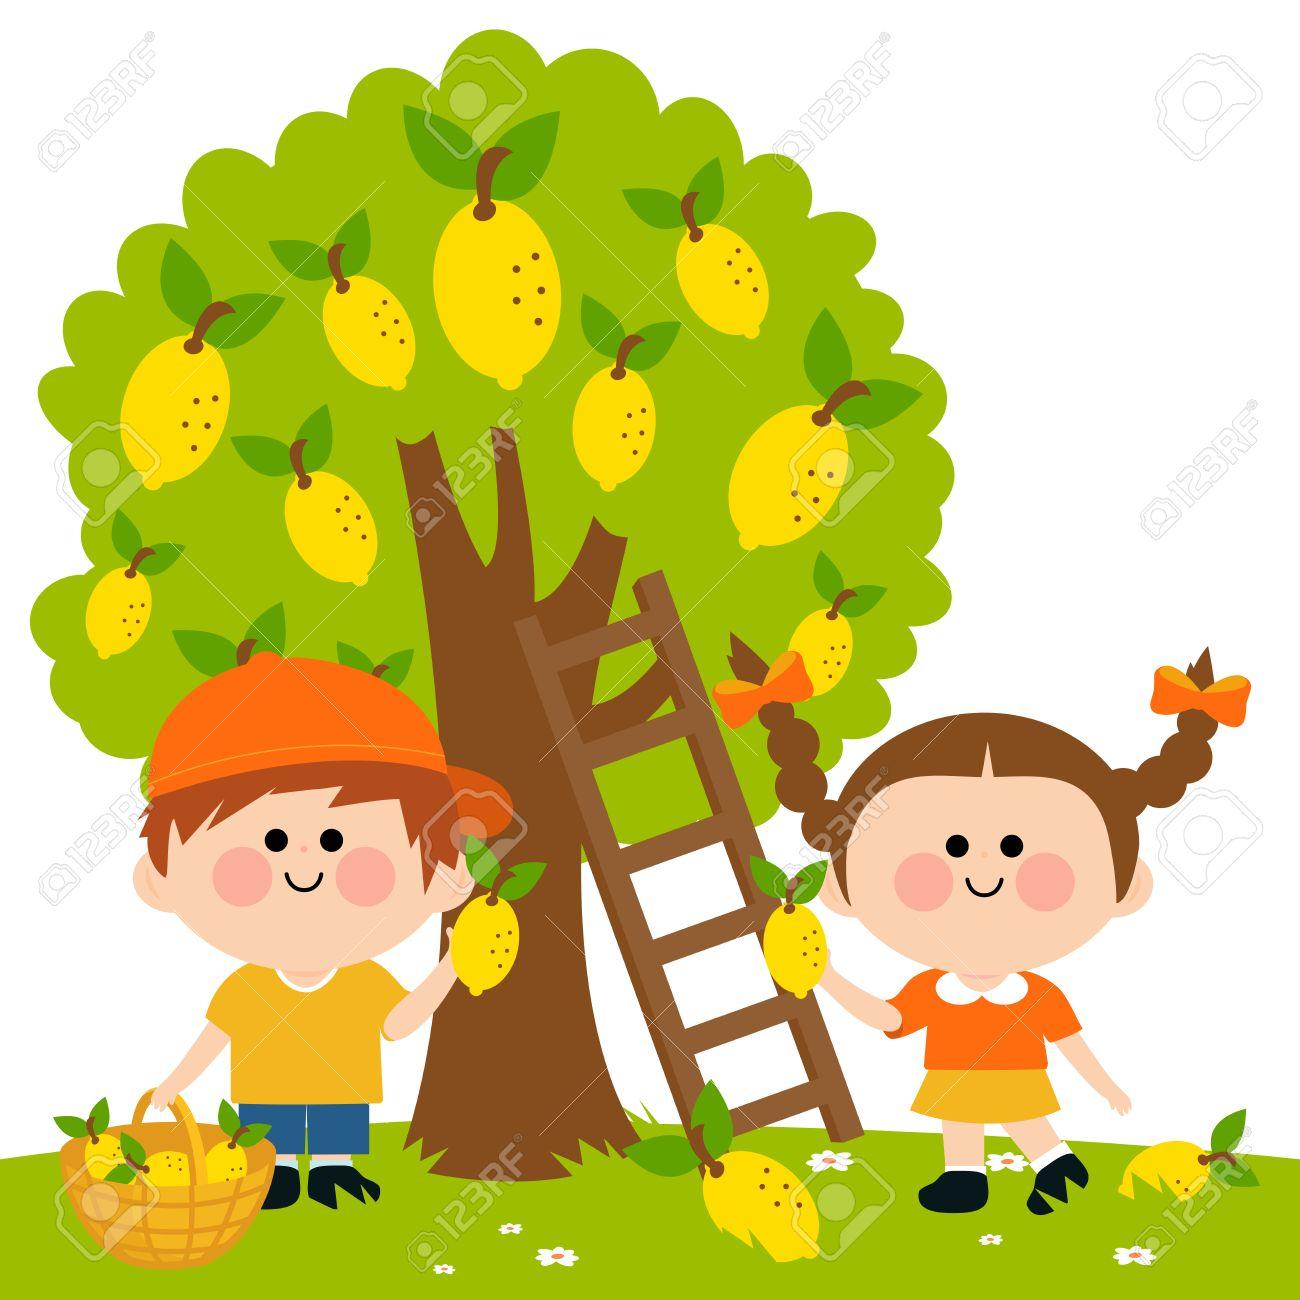 Kids harvesting lemons. - 53050691